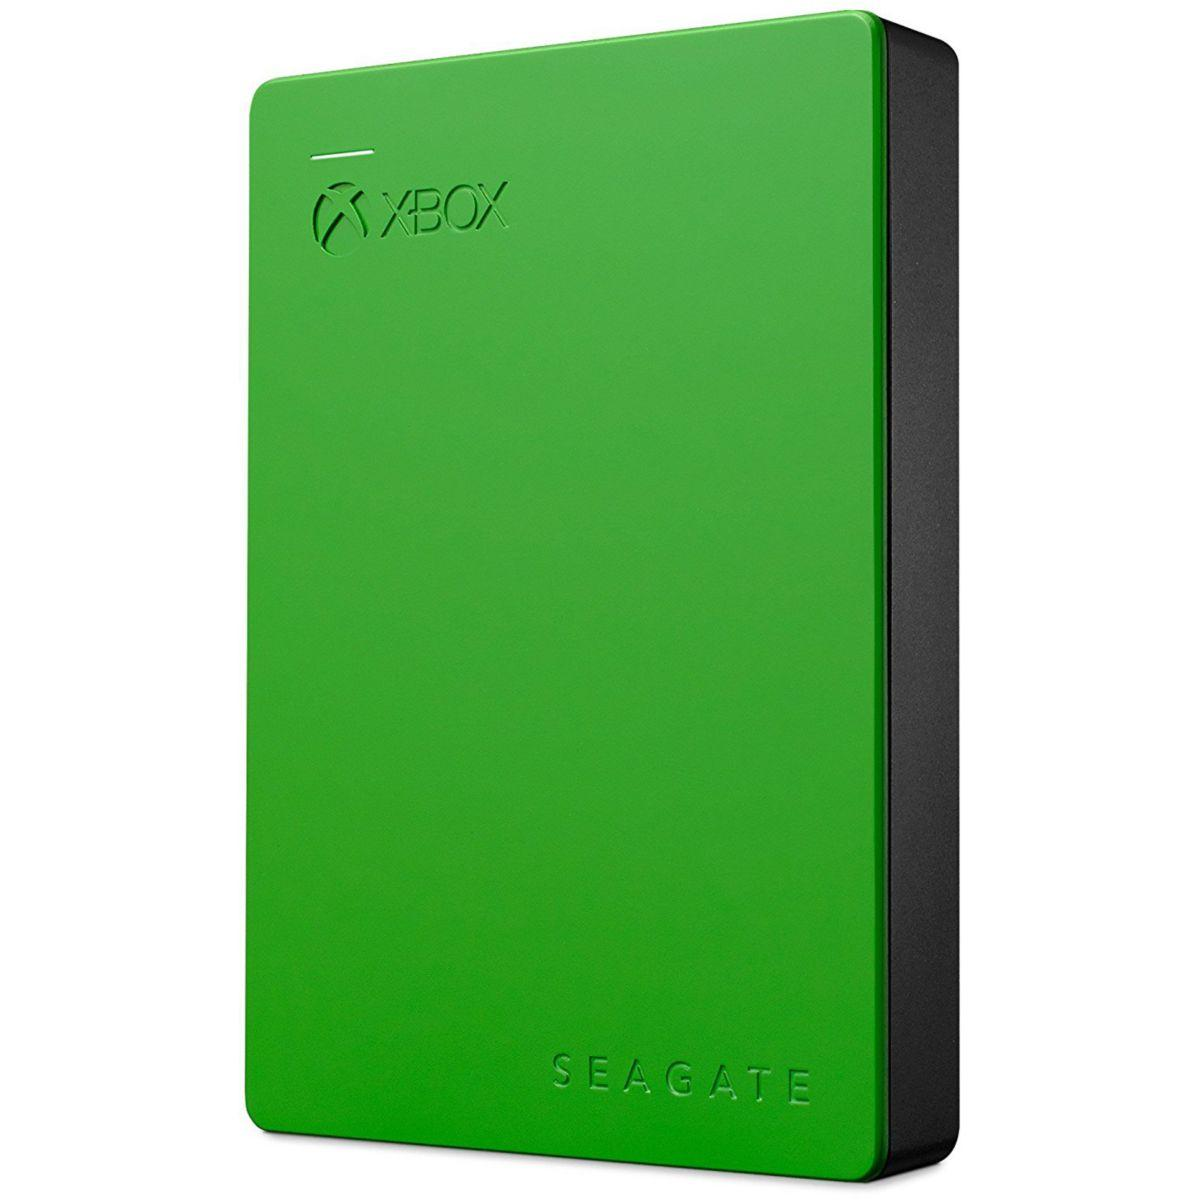 Disque seagate 2,5'' 4to xbox game drive - 3% de remise immédiate avec le code : multi3